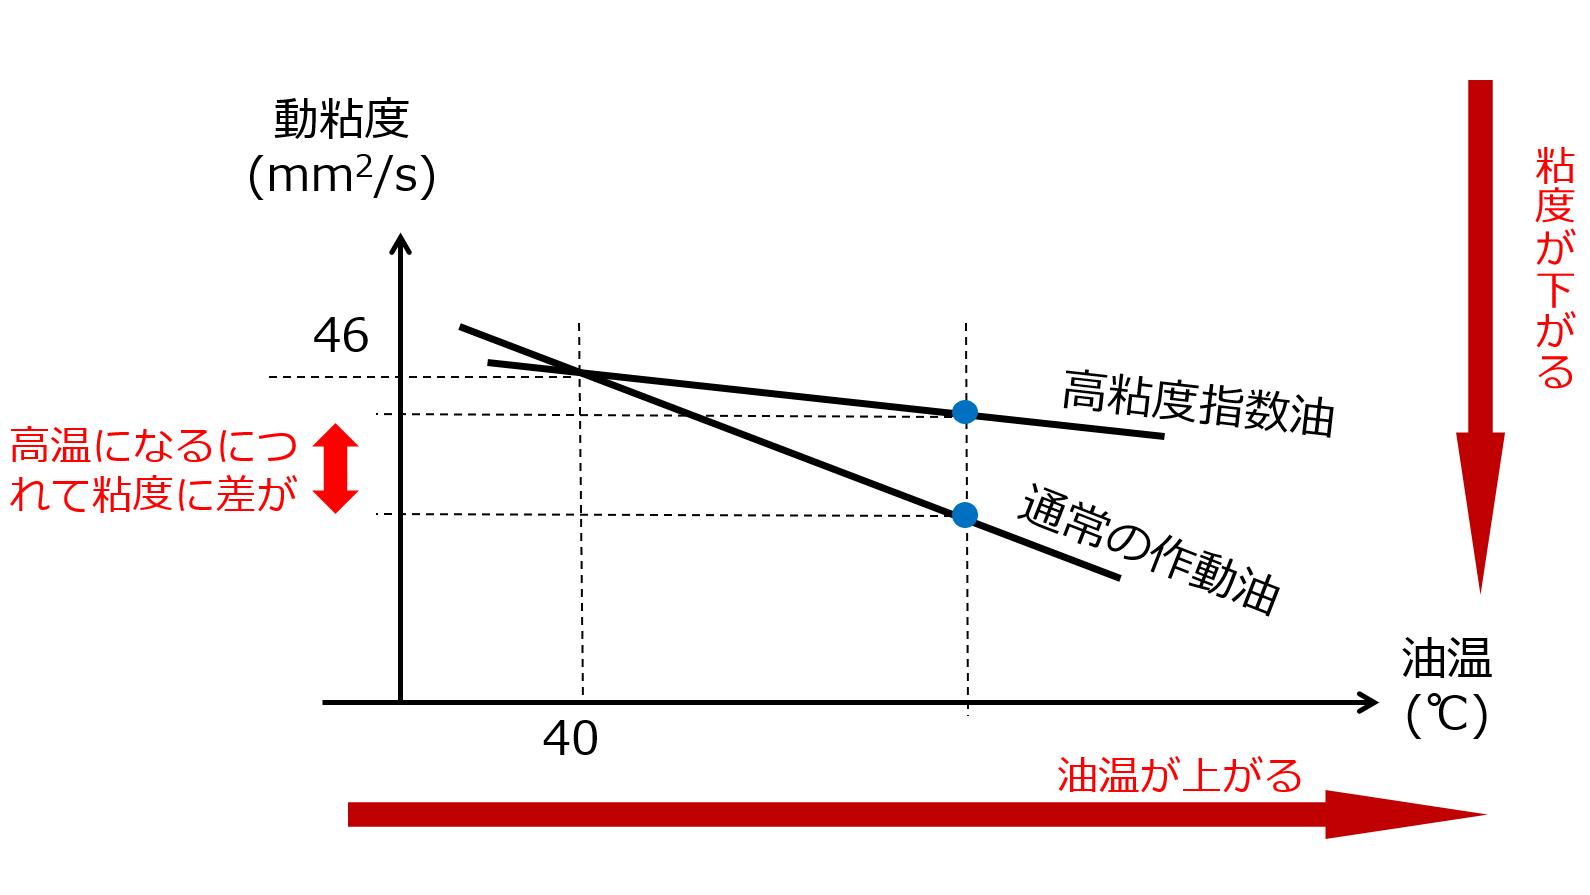 暖機運転時の通常作動油と高粘度指数油の比較を表している図です。